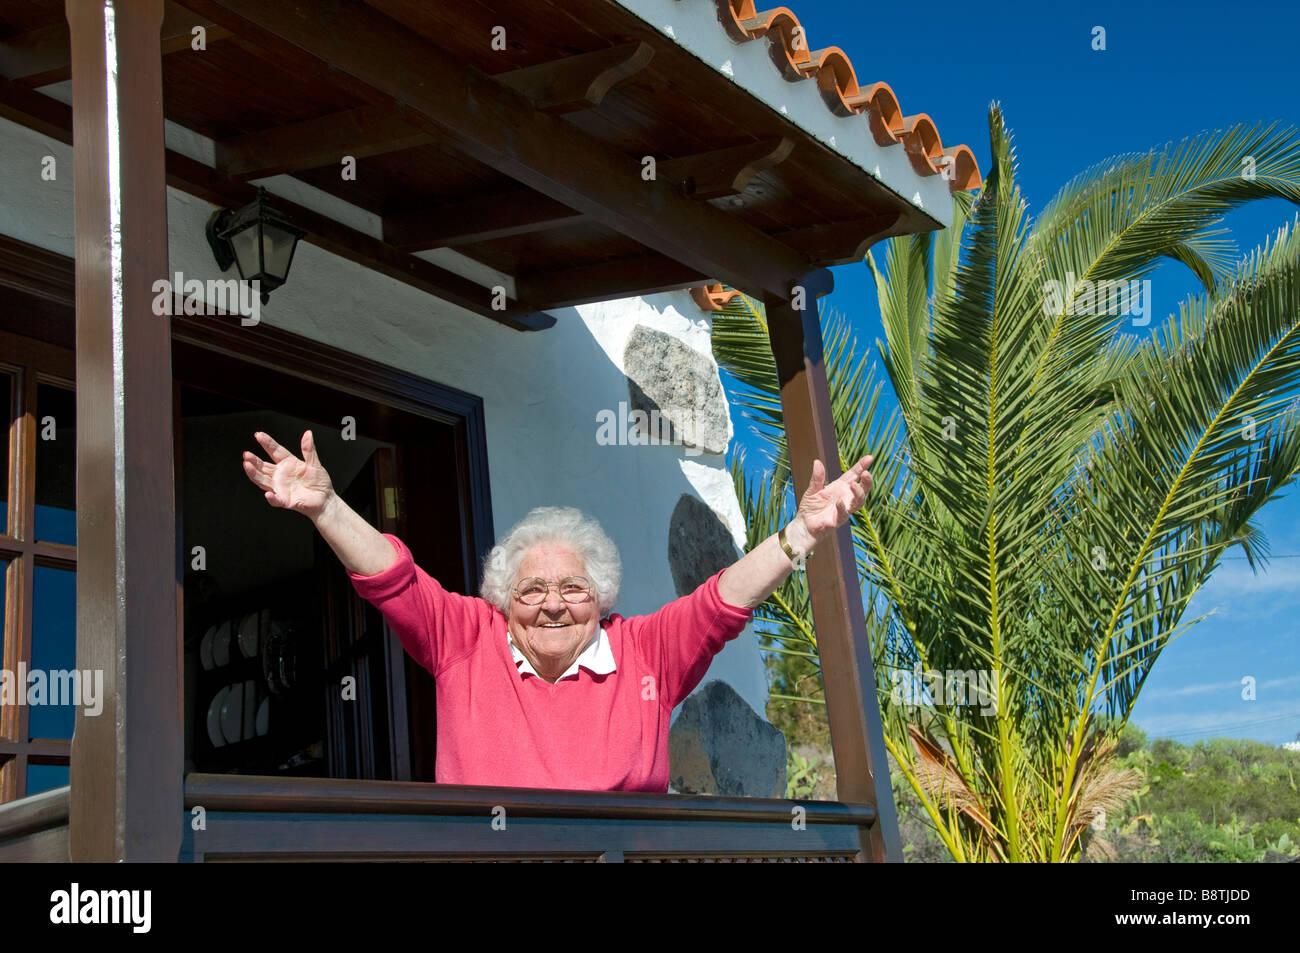 Feliz anciana con vitalidad se extiende sus brazos, disfrutando de una visita de vacaciones a su chalet de vacaciones Imagen De Stock